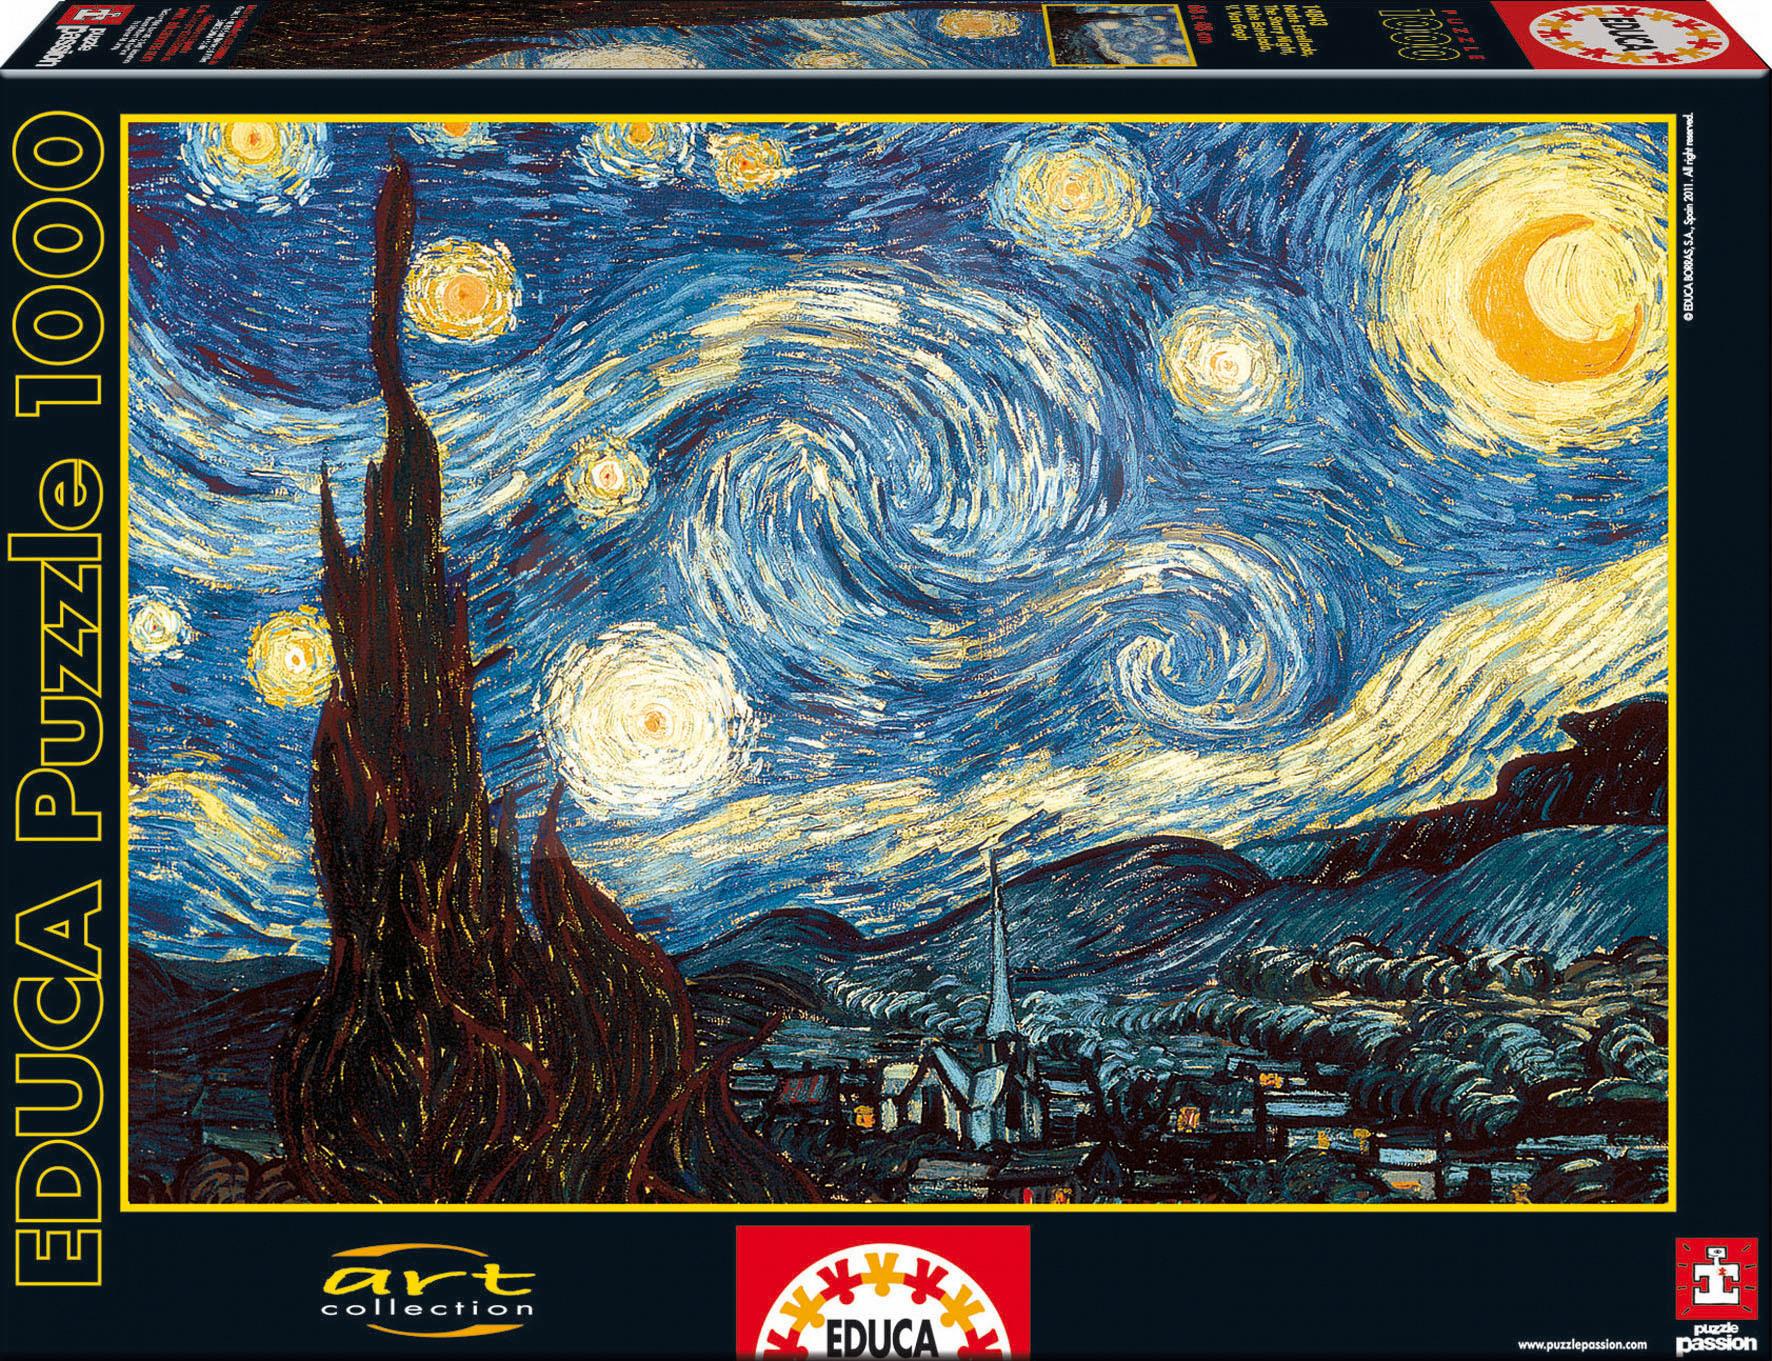 Staré položky - Puzzle Van Gogh Educa 1000 dílků a FIX PUZZLE LEPIDLO